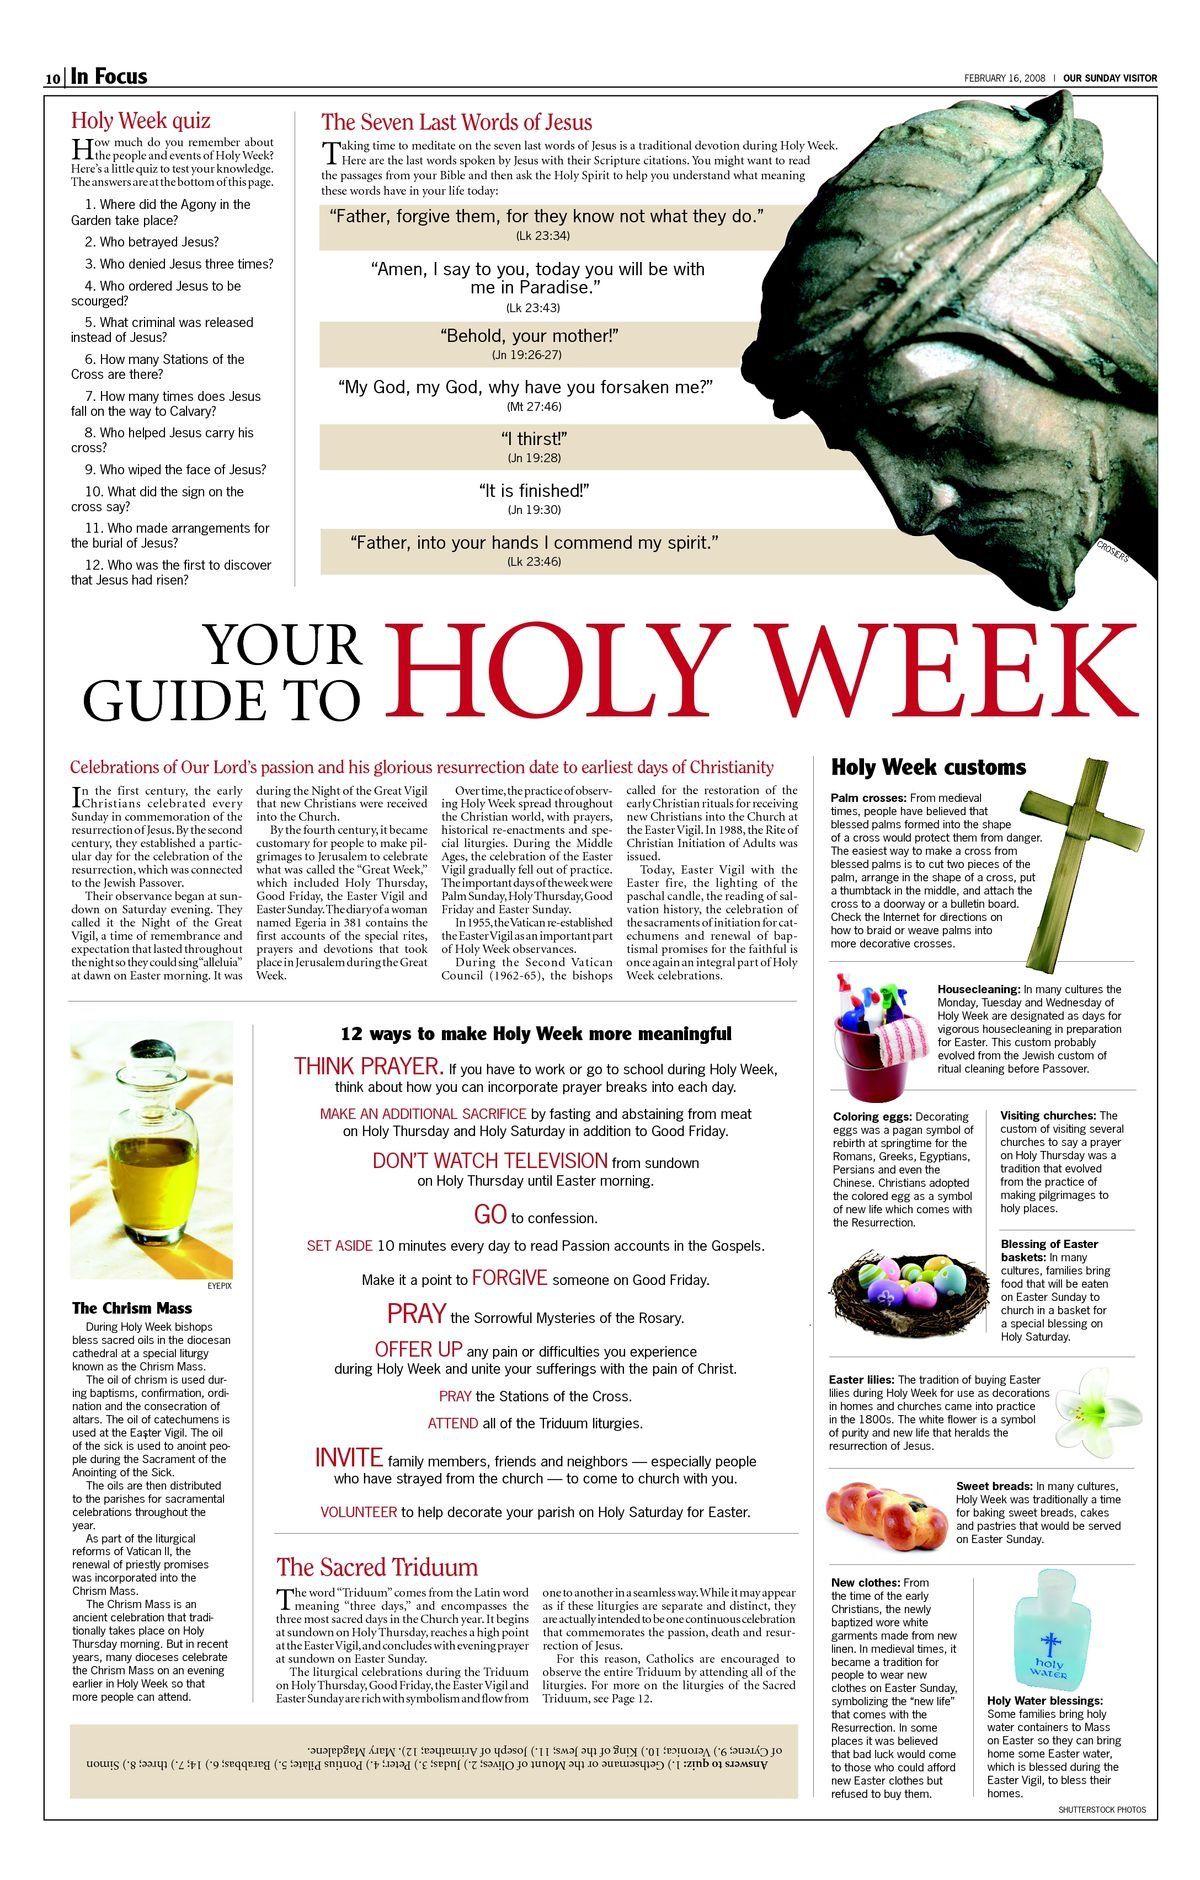 Pin On Catholic Teaching